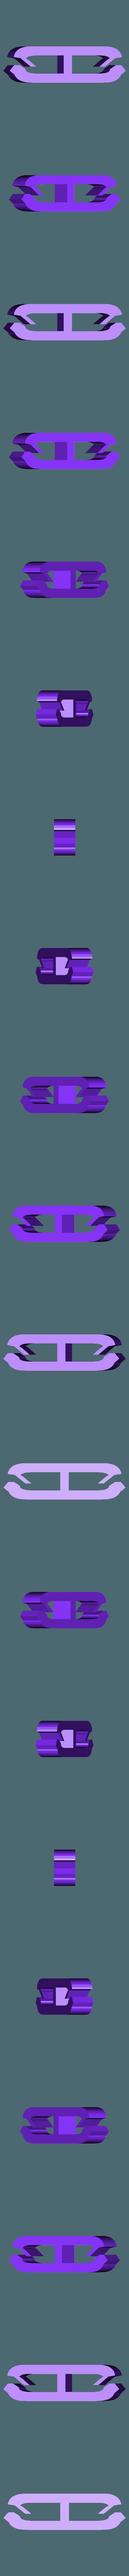 serre_cable2.stl Télécharger fichier STL gratuit pince câble • Plan imprimable en 3D, Cyborg